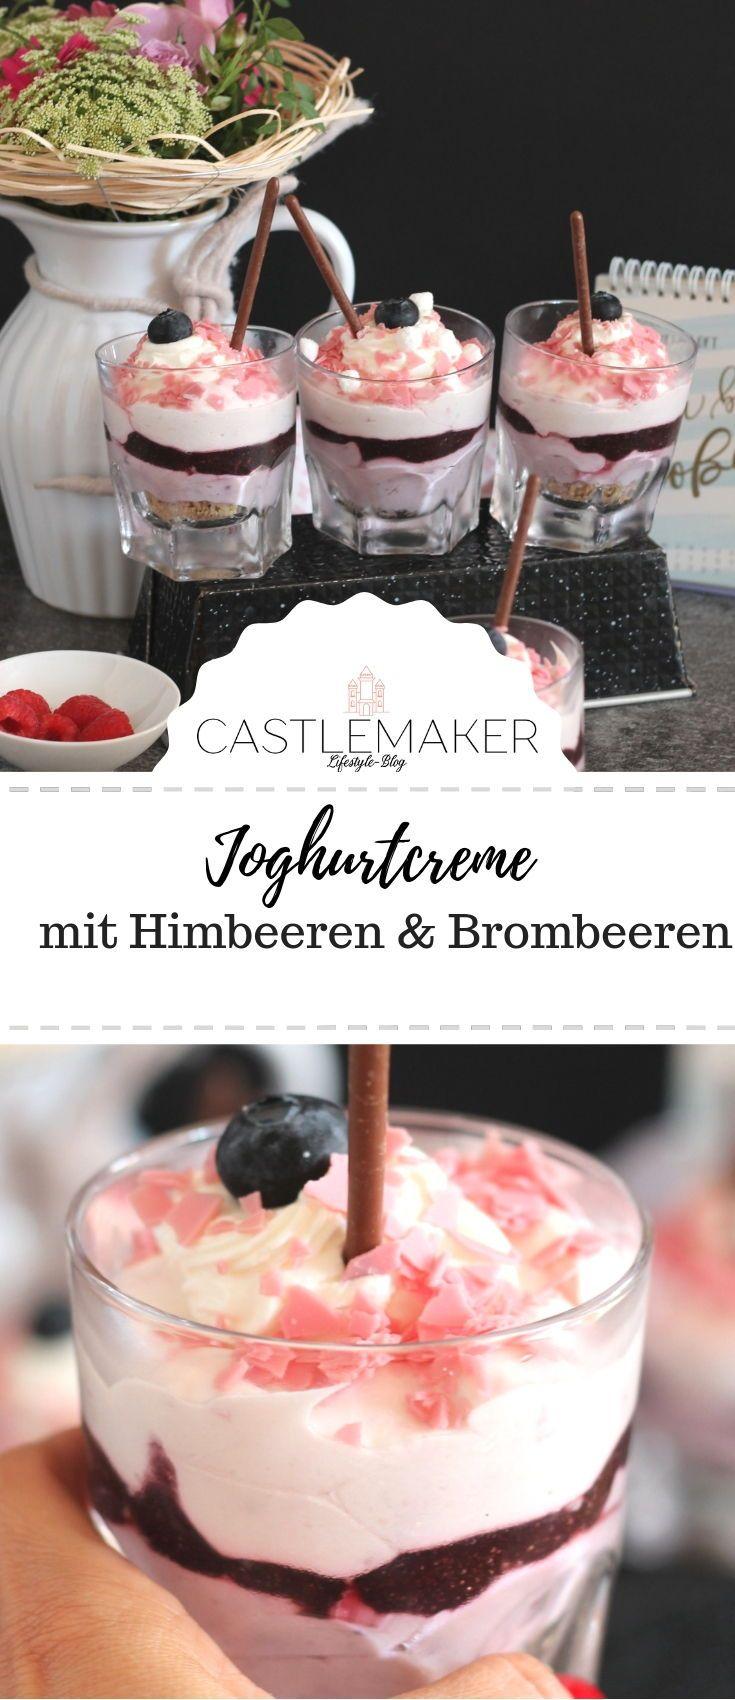 Joghurt-Schichtdessert Beerentraum mit Himbeeren & Brombeeren « CASTLEMAKER Lifestyle Blog